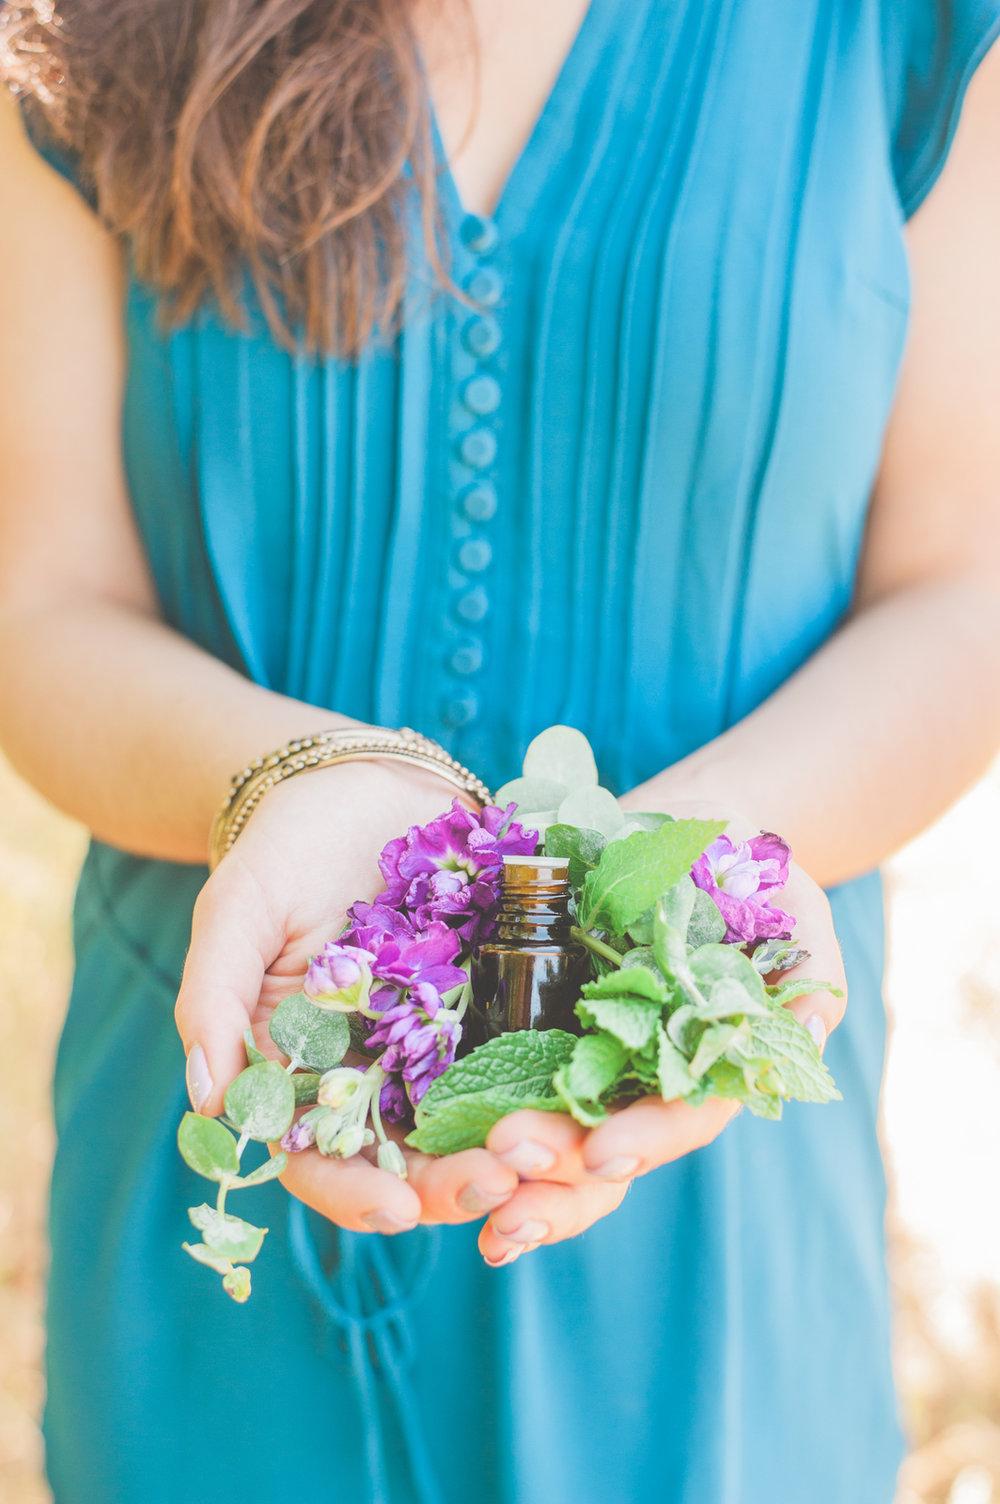 Essential Oils for Premier Wellness